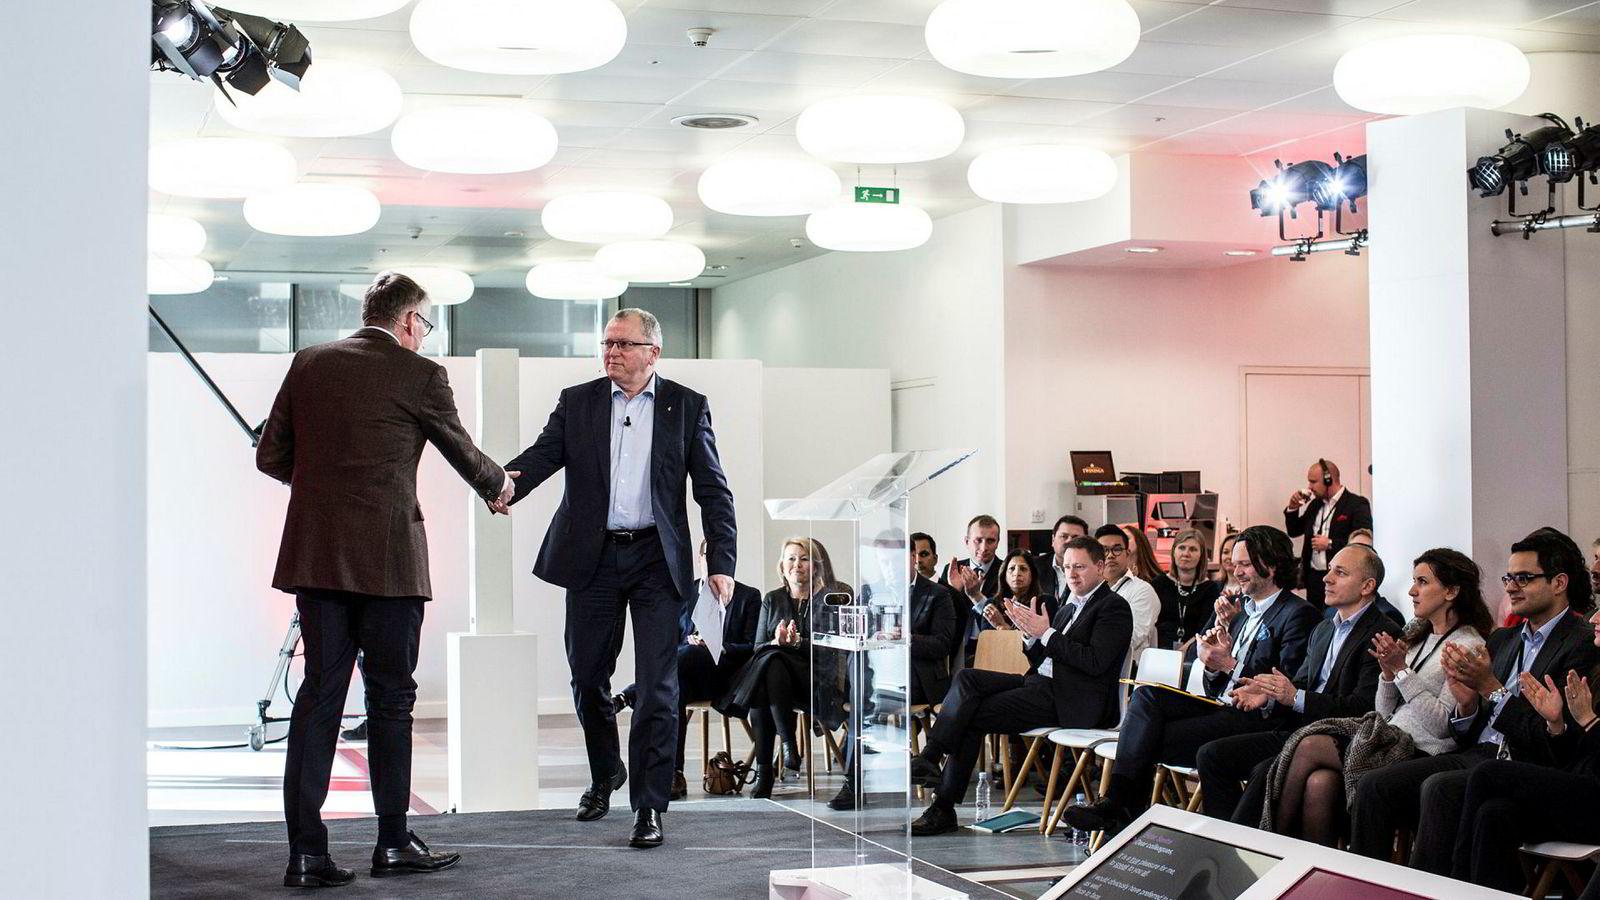 Equinor-sjef Eldar Sætre, her fra et internt nettmøte med ansatte fra lokalene i London, har kommet godt ut av oljekrisen økonomisk.